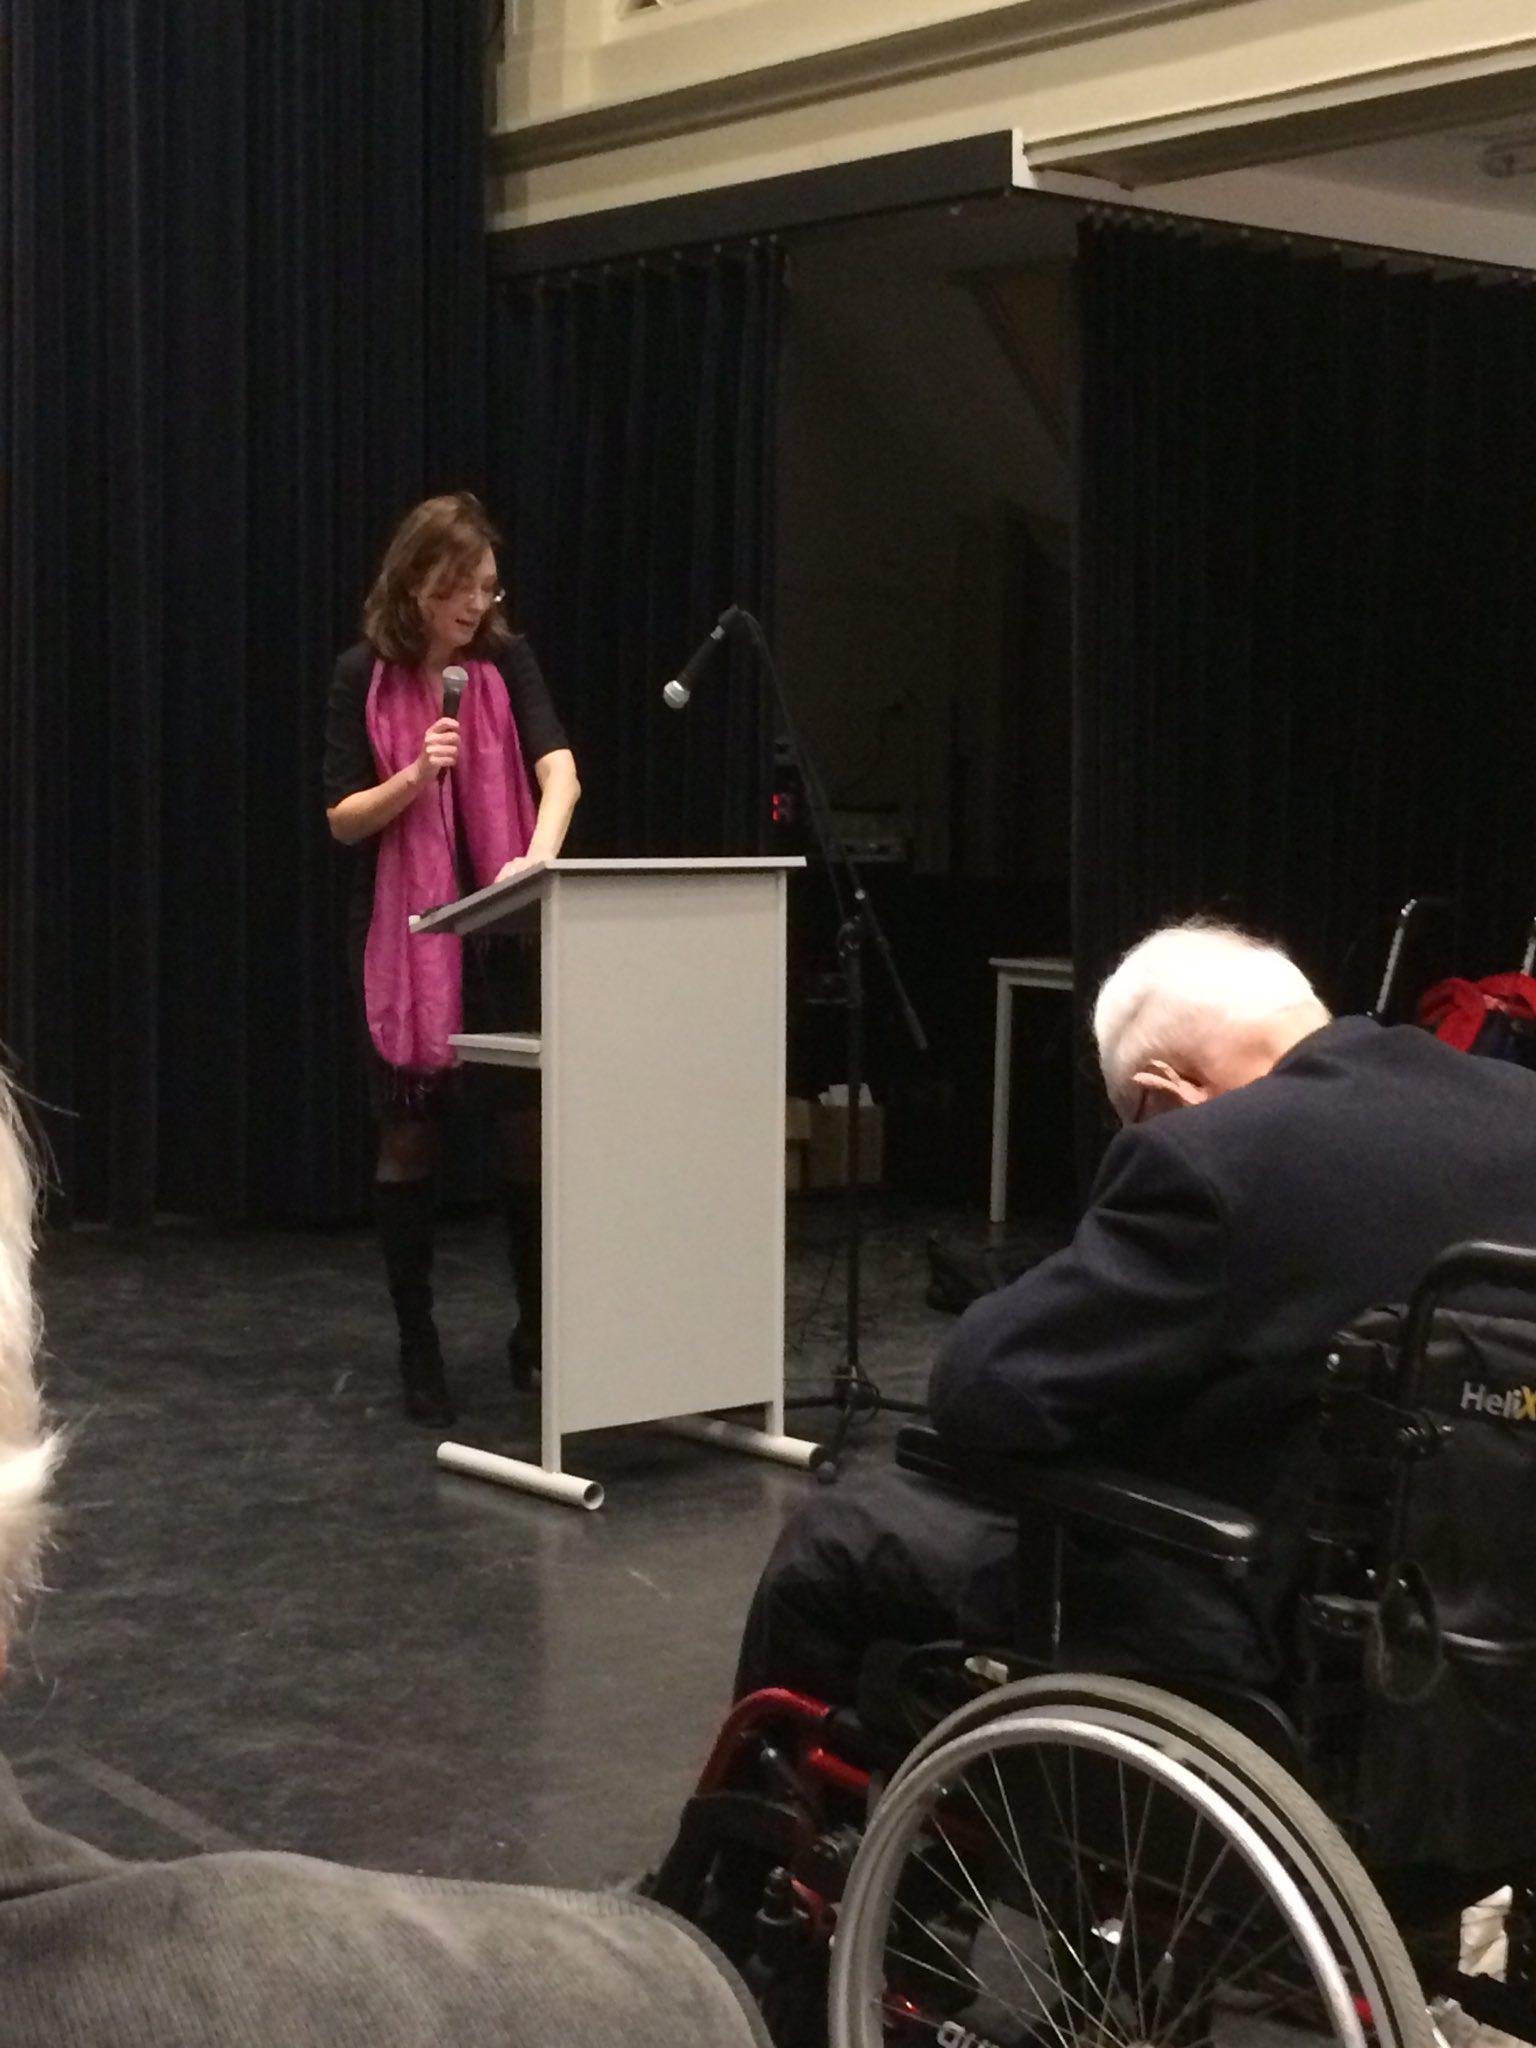 WBS #PvdA Als je meetelt en meedoet voel je je niet oud. Of je nu 90 of 70 bent. @annemarieke Nierop. https://t.co/fLfqkqkYmT